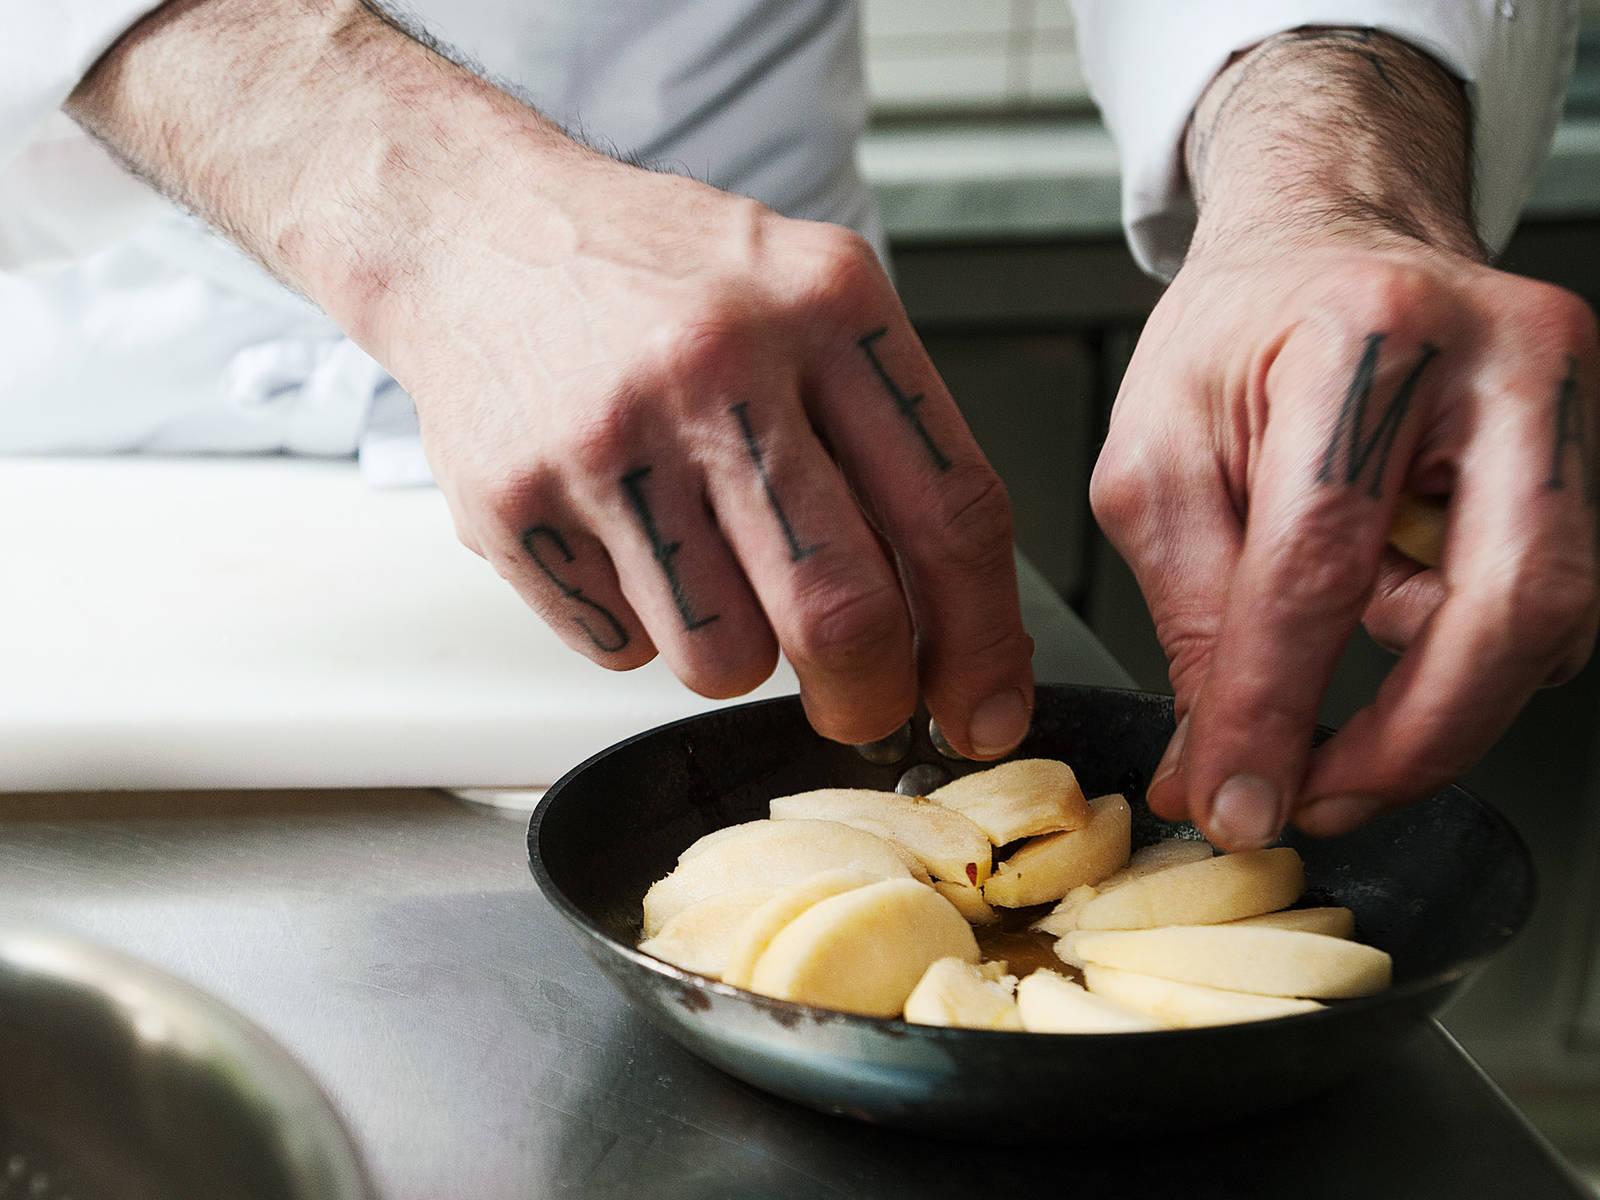 将烤箱预热至180度。苹果削皮、去核,并切成中等厚度的片状。在焦糖上将苹果片摆出圆形。